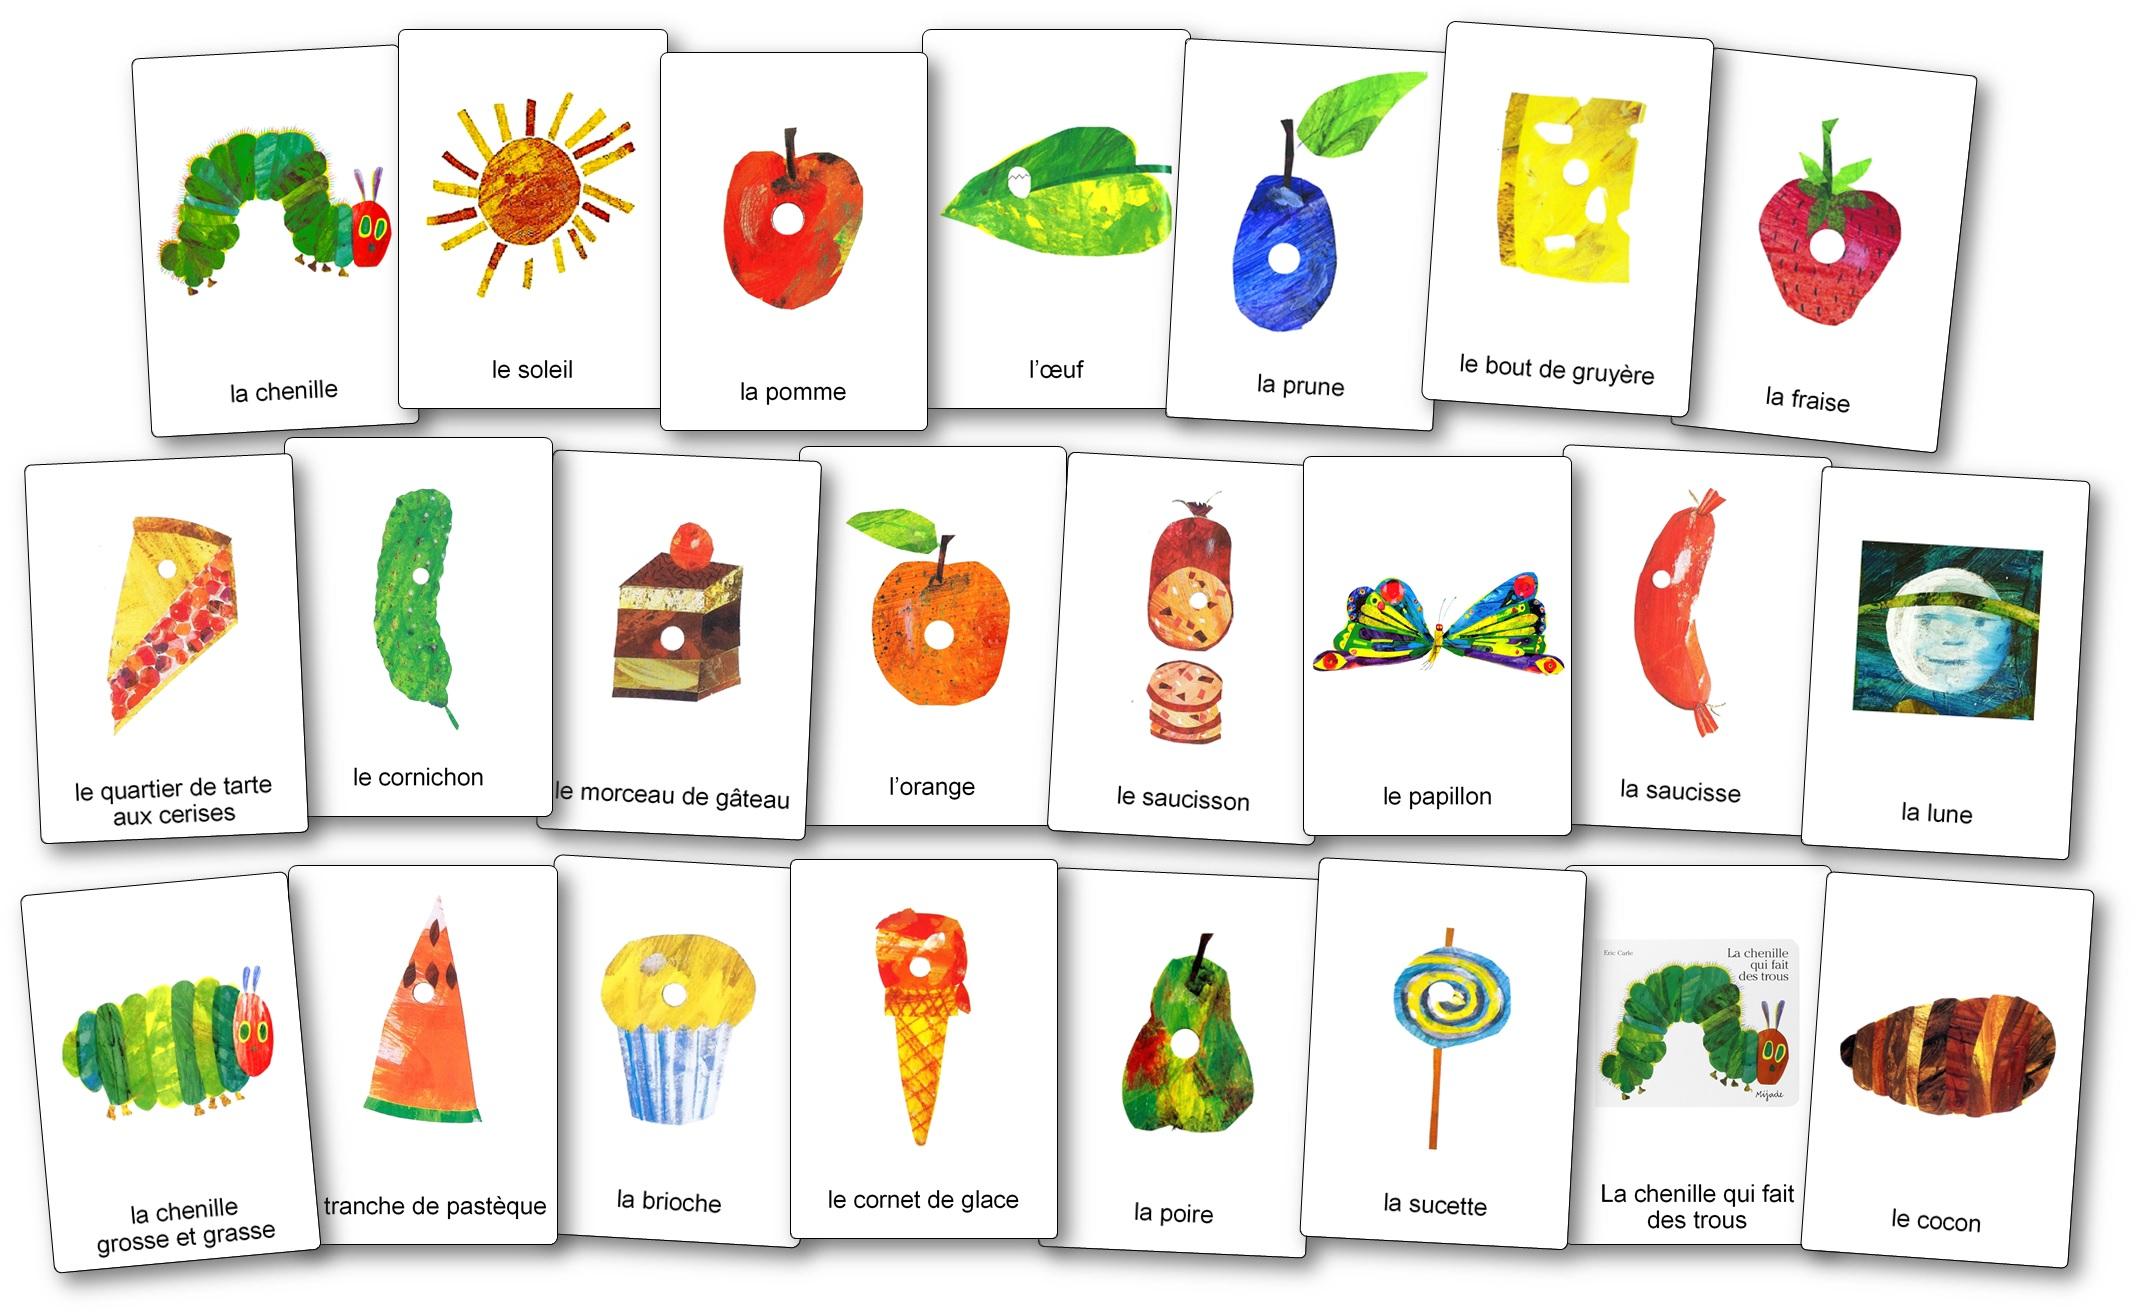 Flashcards imagier La chenille qui fait des trous images nomenclature